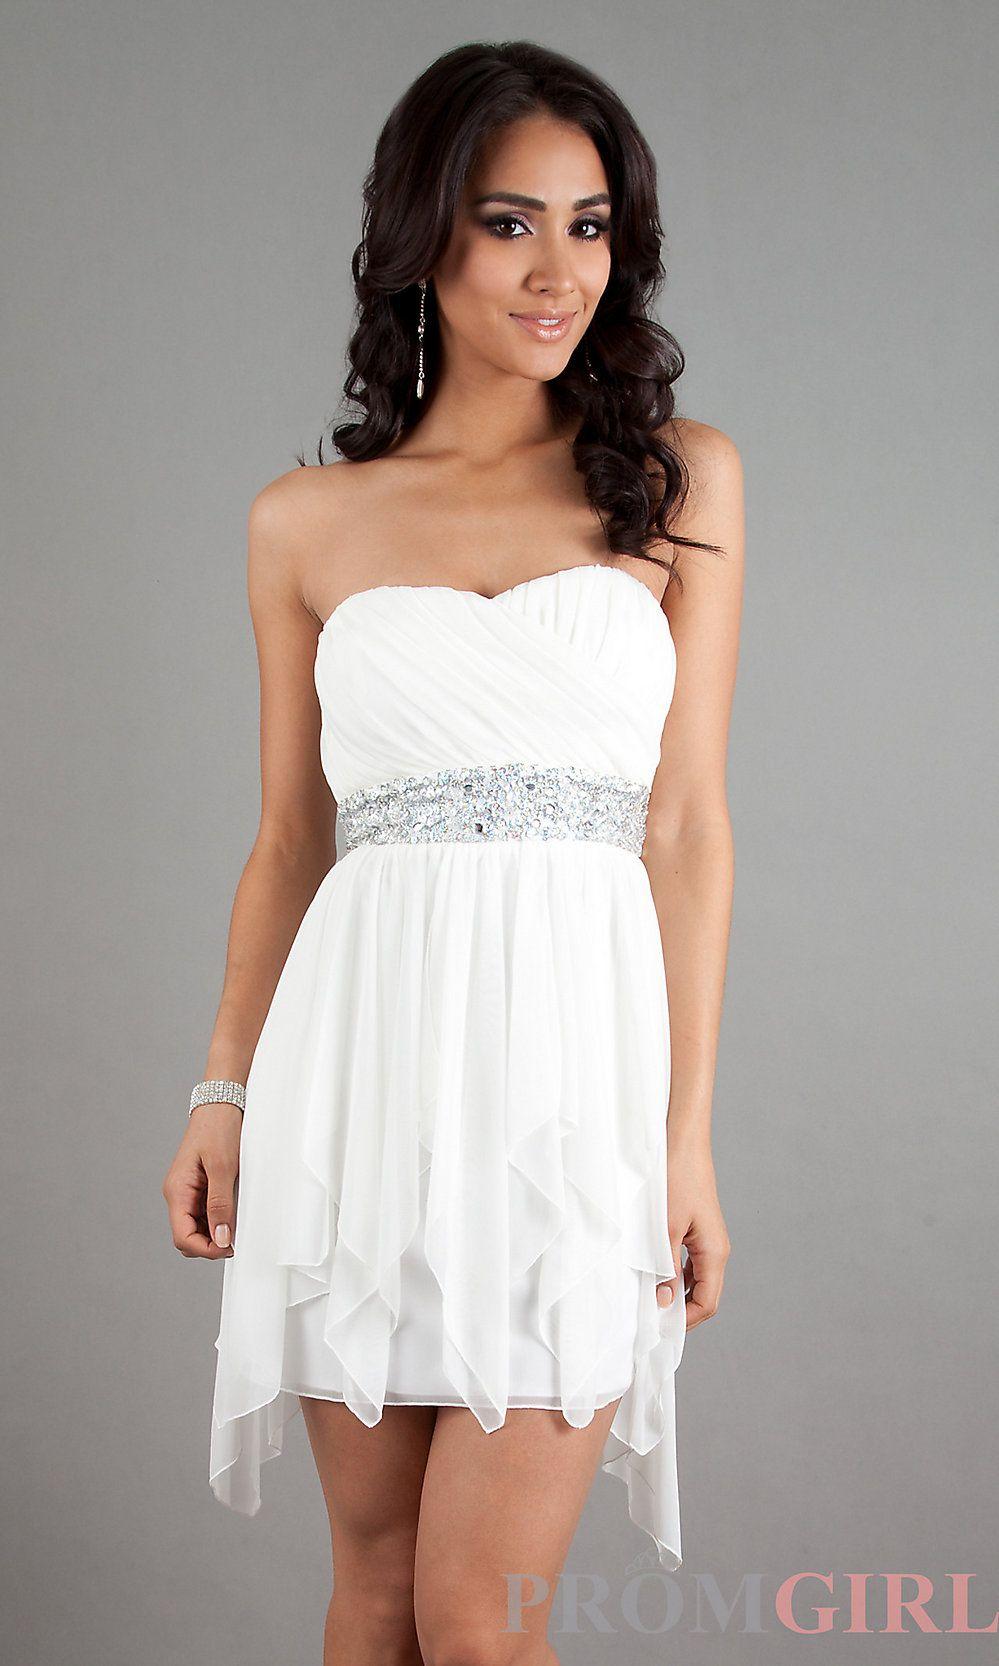 Großartig Prom Girl High Low Dresses Zeitgenössisch - Brautkleider ...